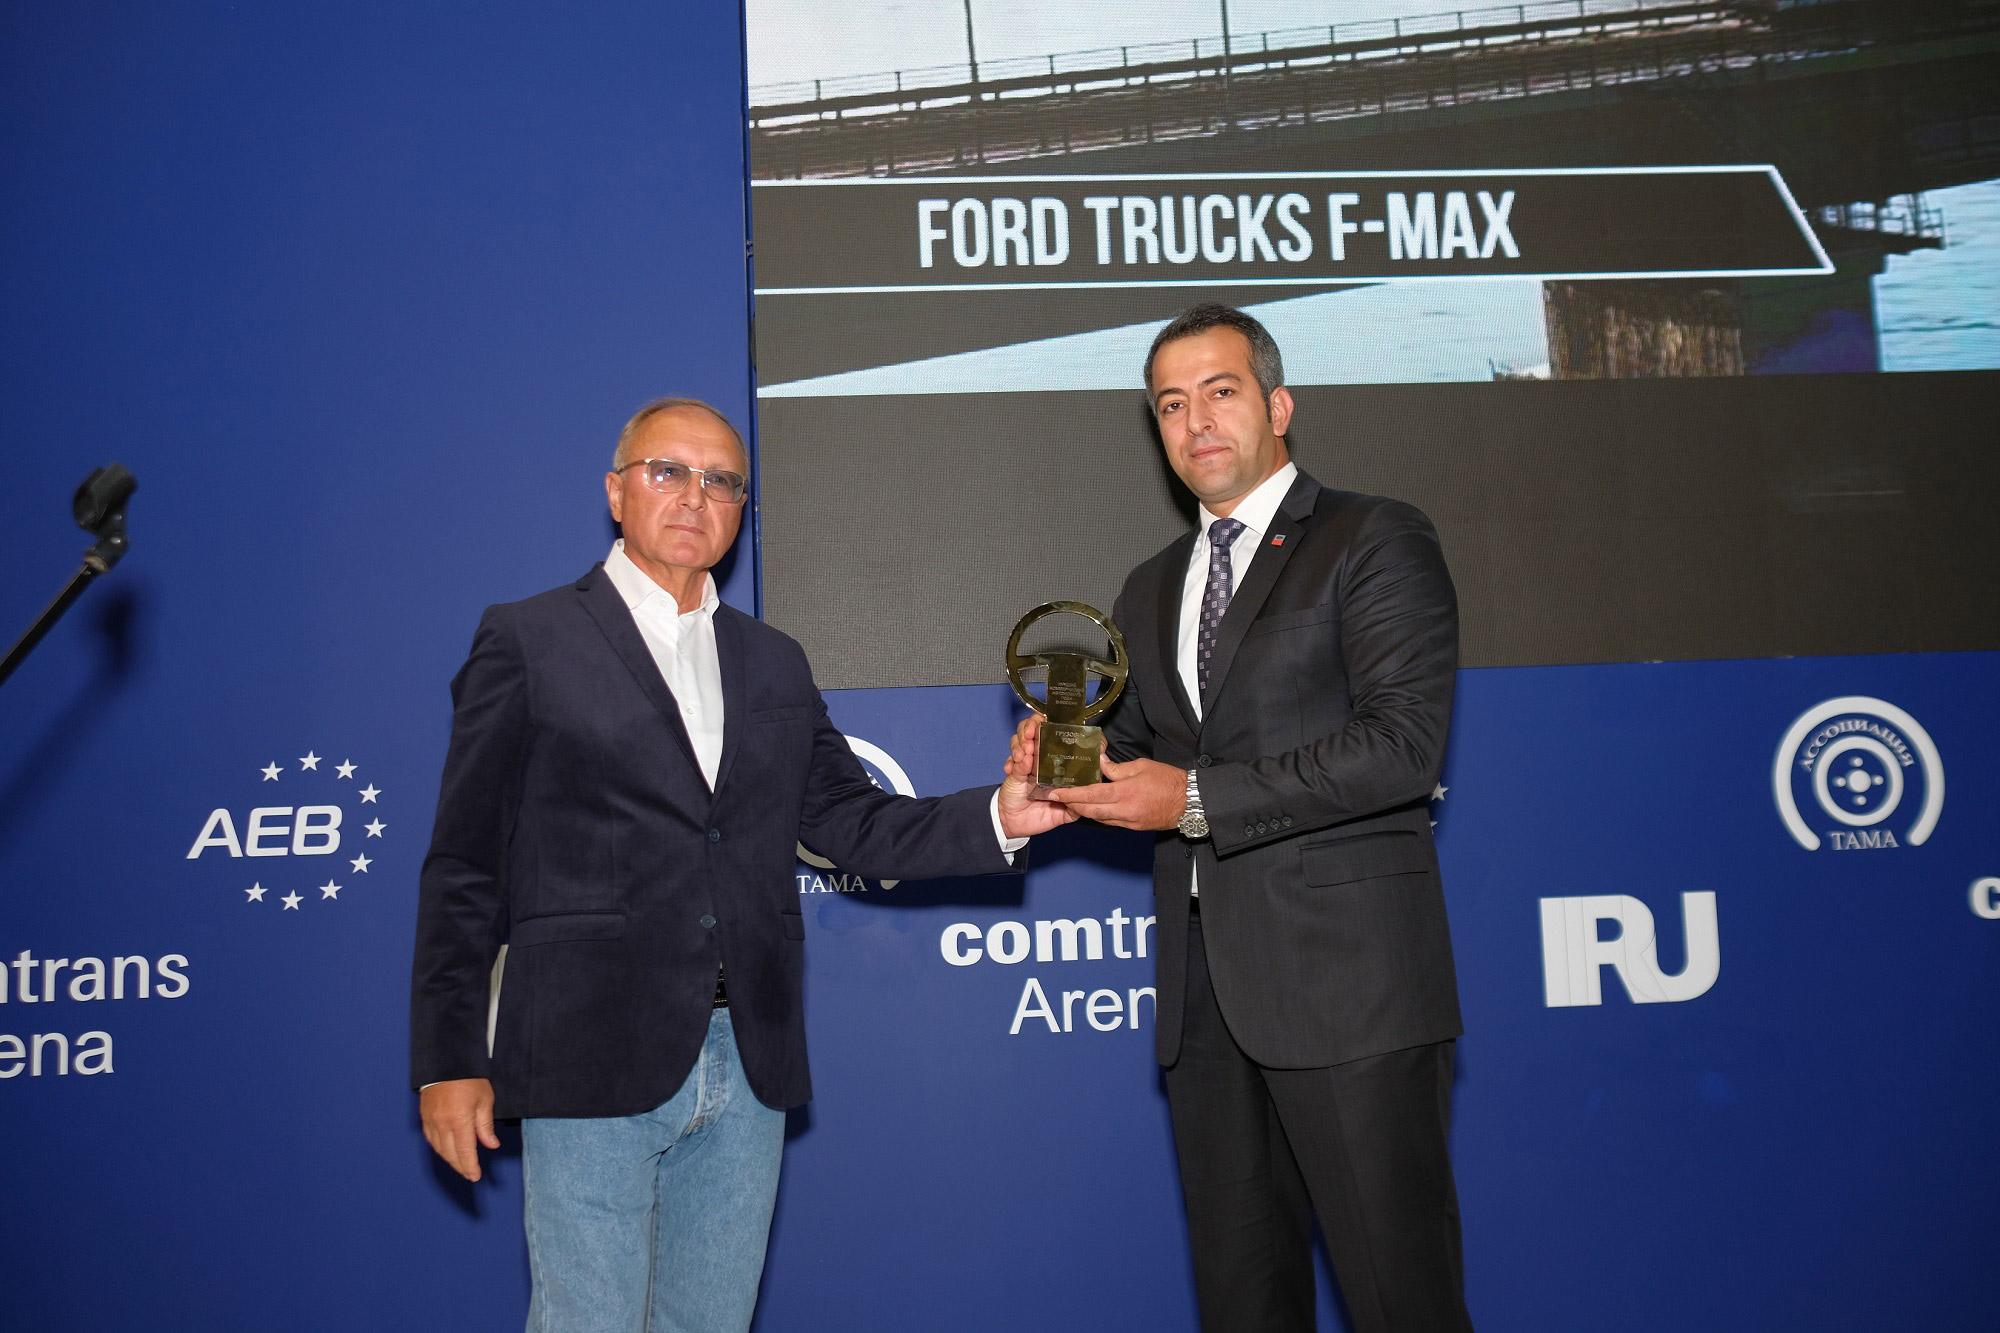 ford---trucks-comtrans-2019.jpg